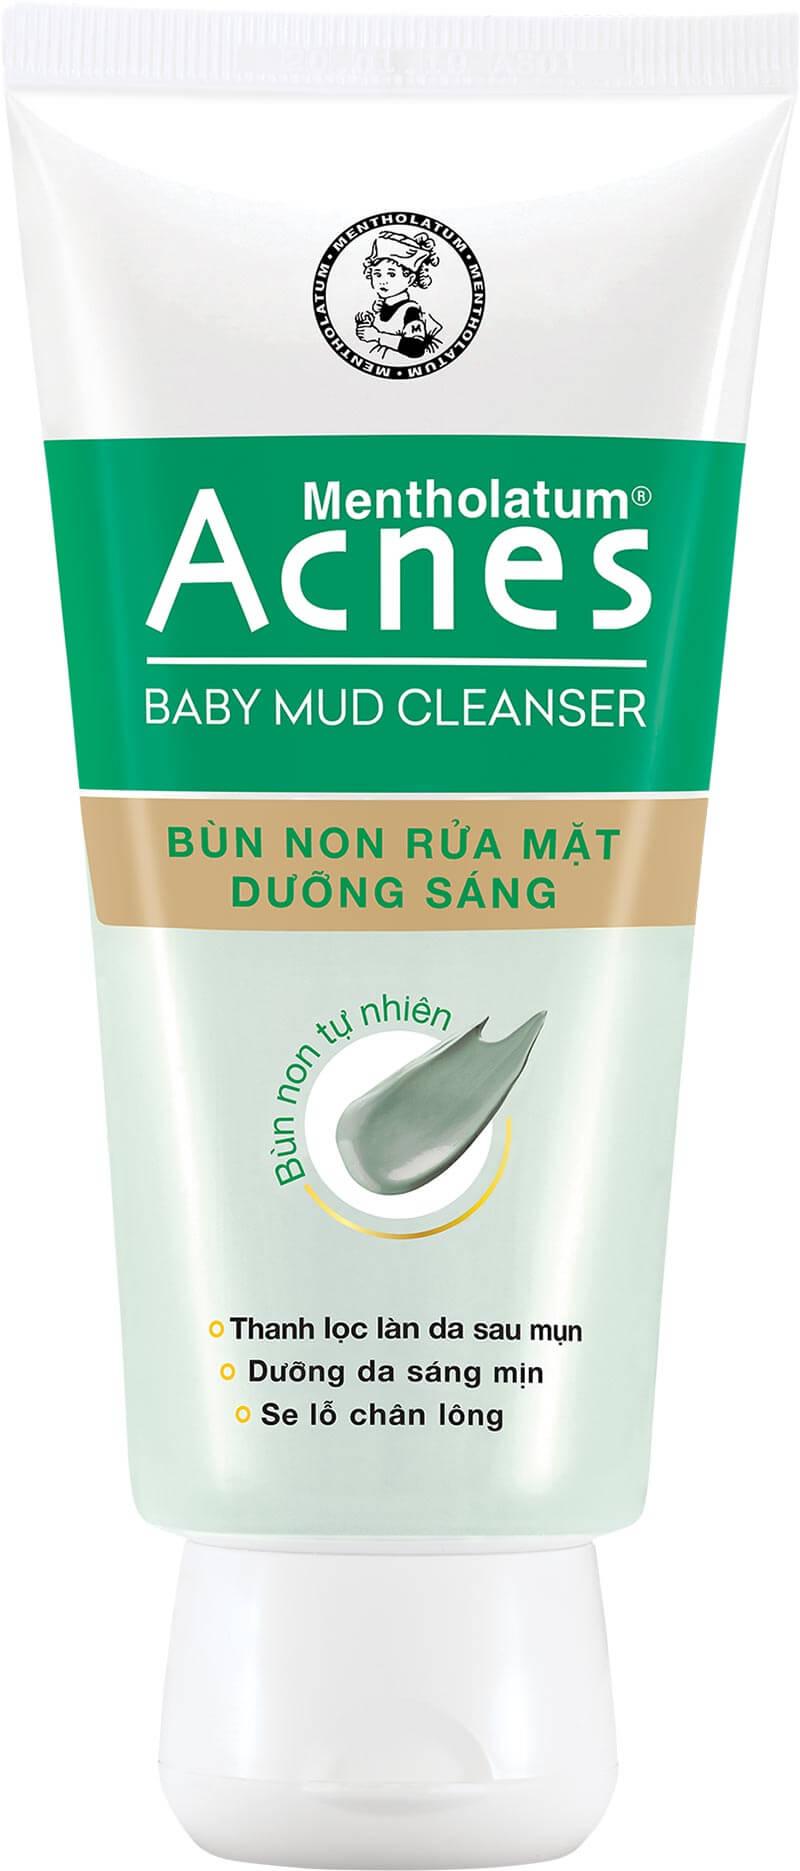 Bộ đôi Acnes Baby Mud review có gì hấp dẫn cho làn da sau mụn?